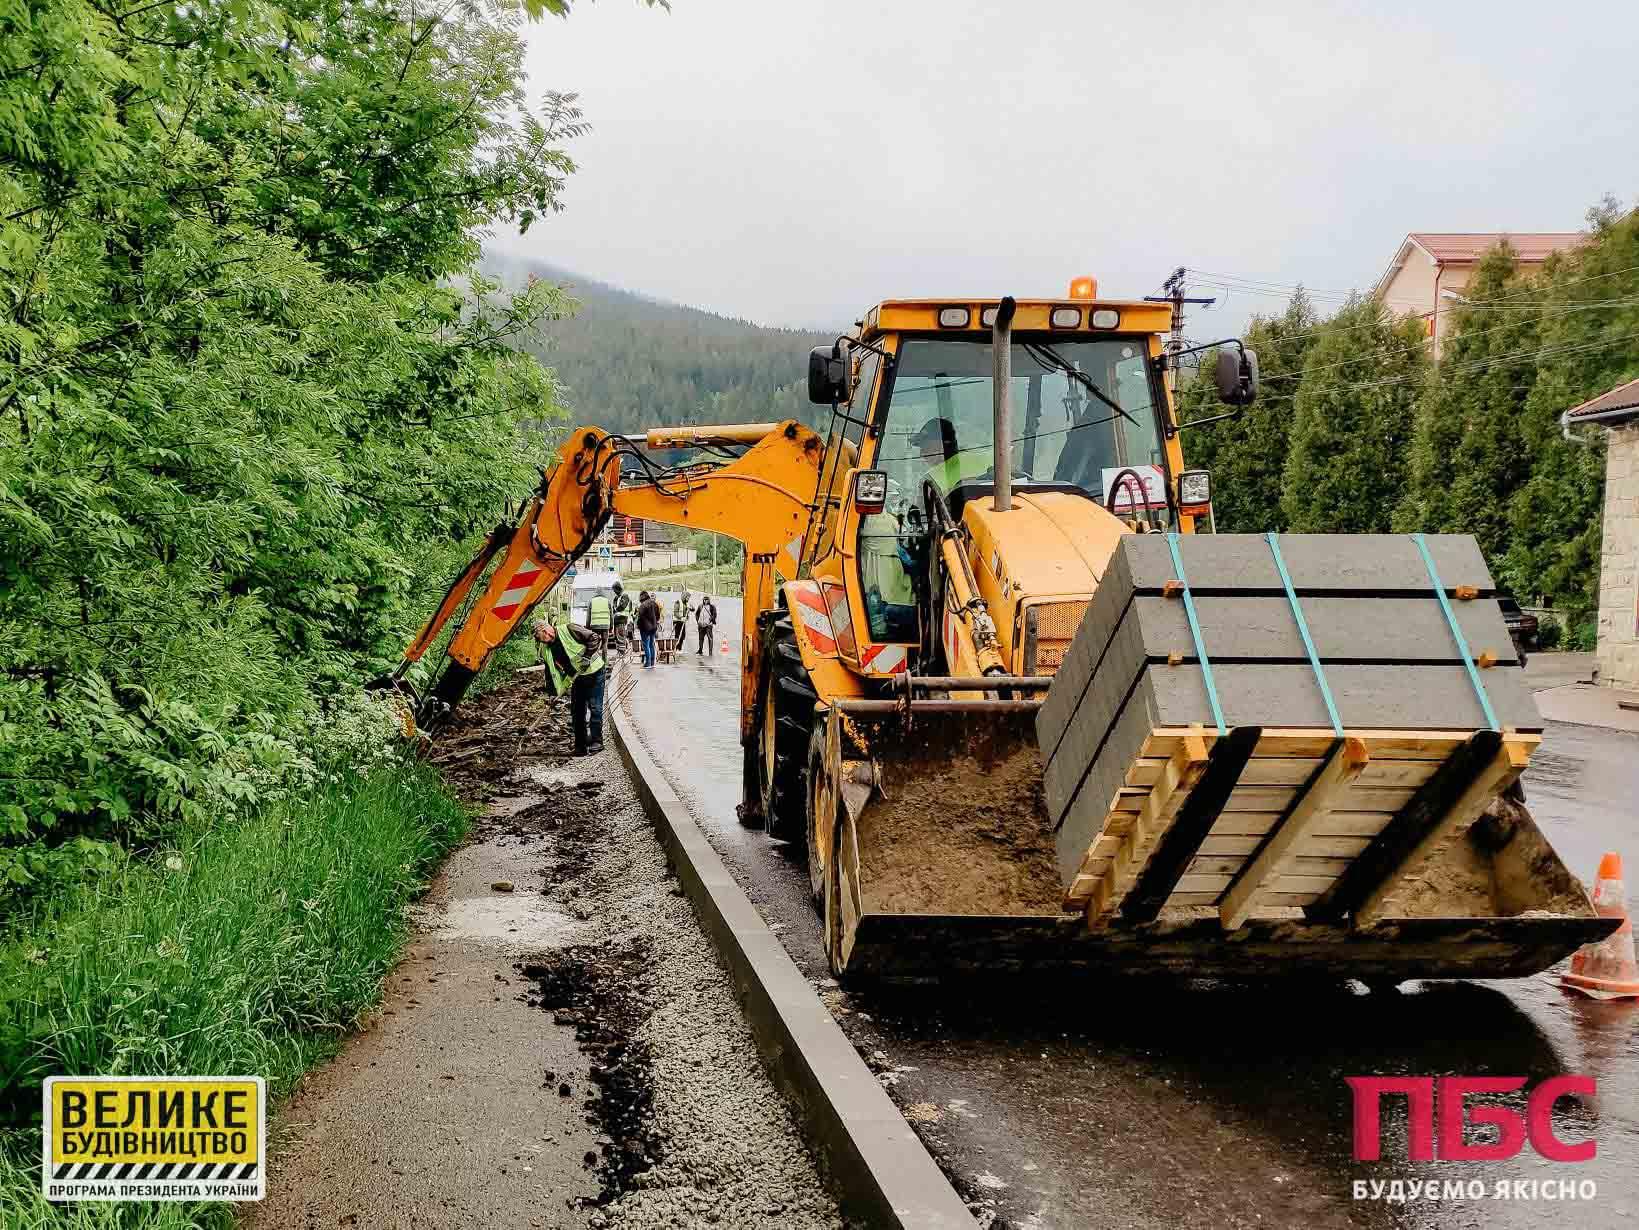 Дощ – не завада: на дорозі Н-09 тривають роботи (ФОТО)